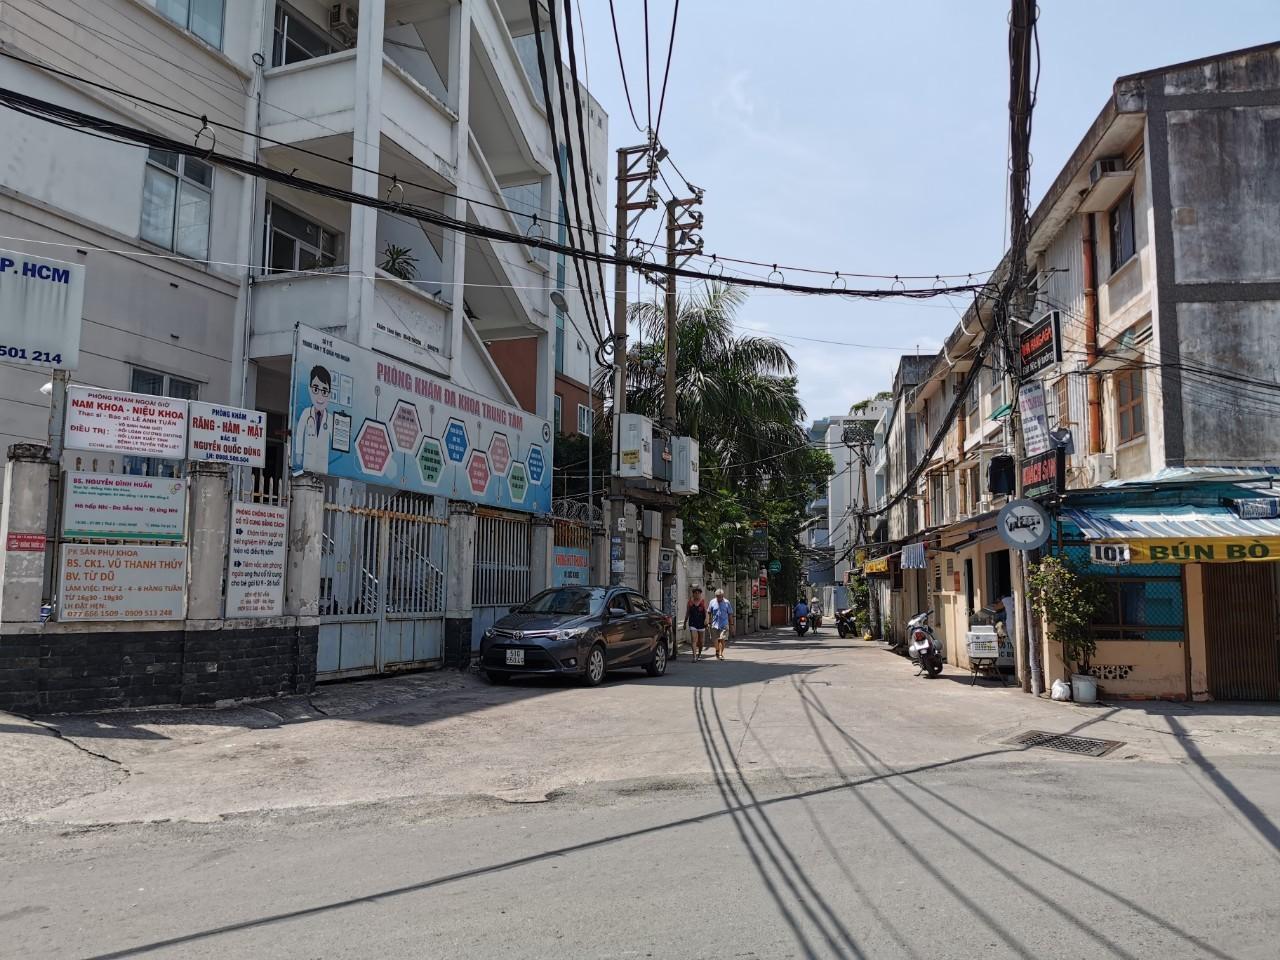 Bán nhà Hẻm xe hơi đường Phan Đăng Lưu quận Phú Nhận giá rẻ, chỉ 2 tỷ 500